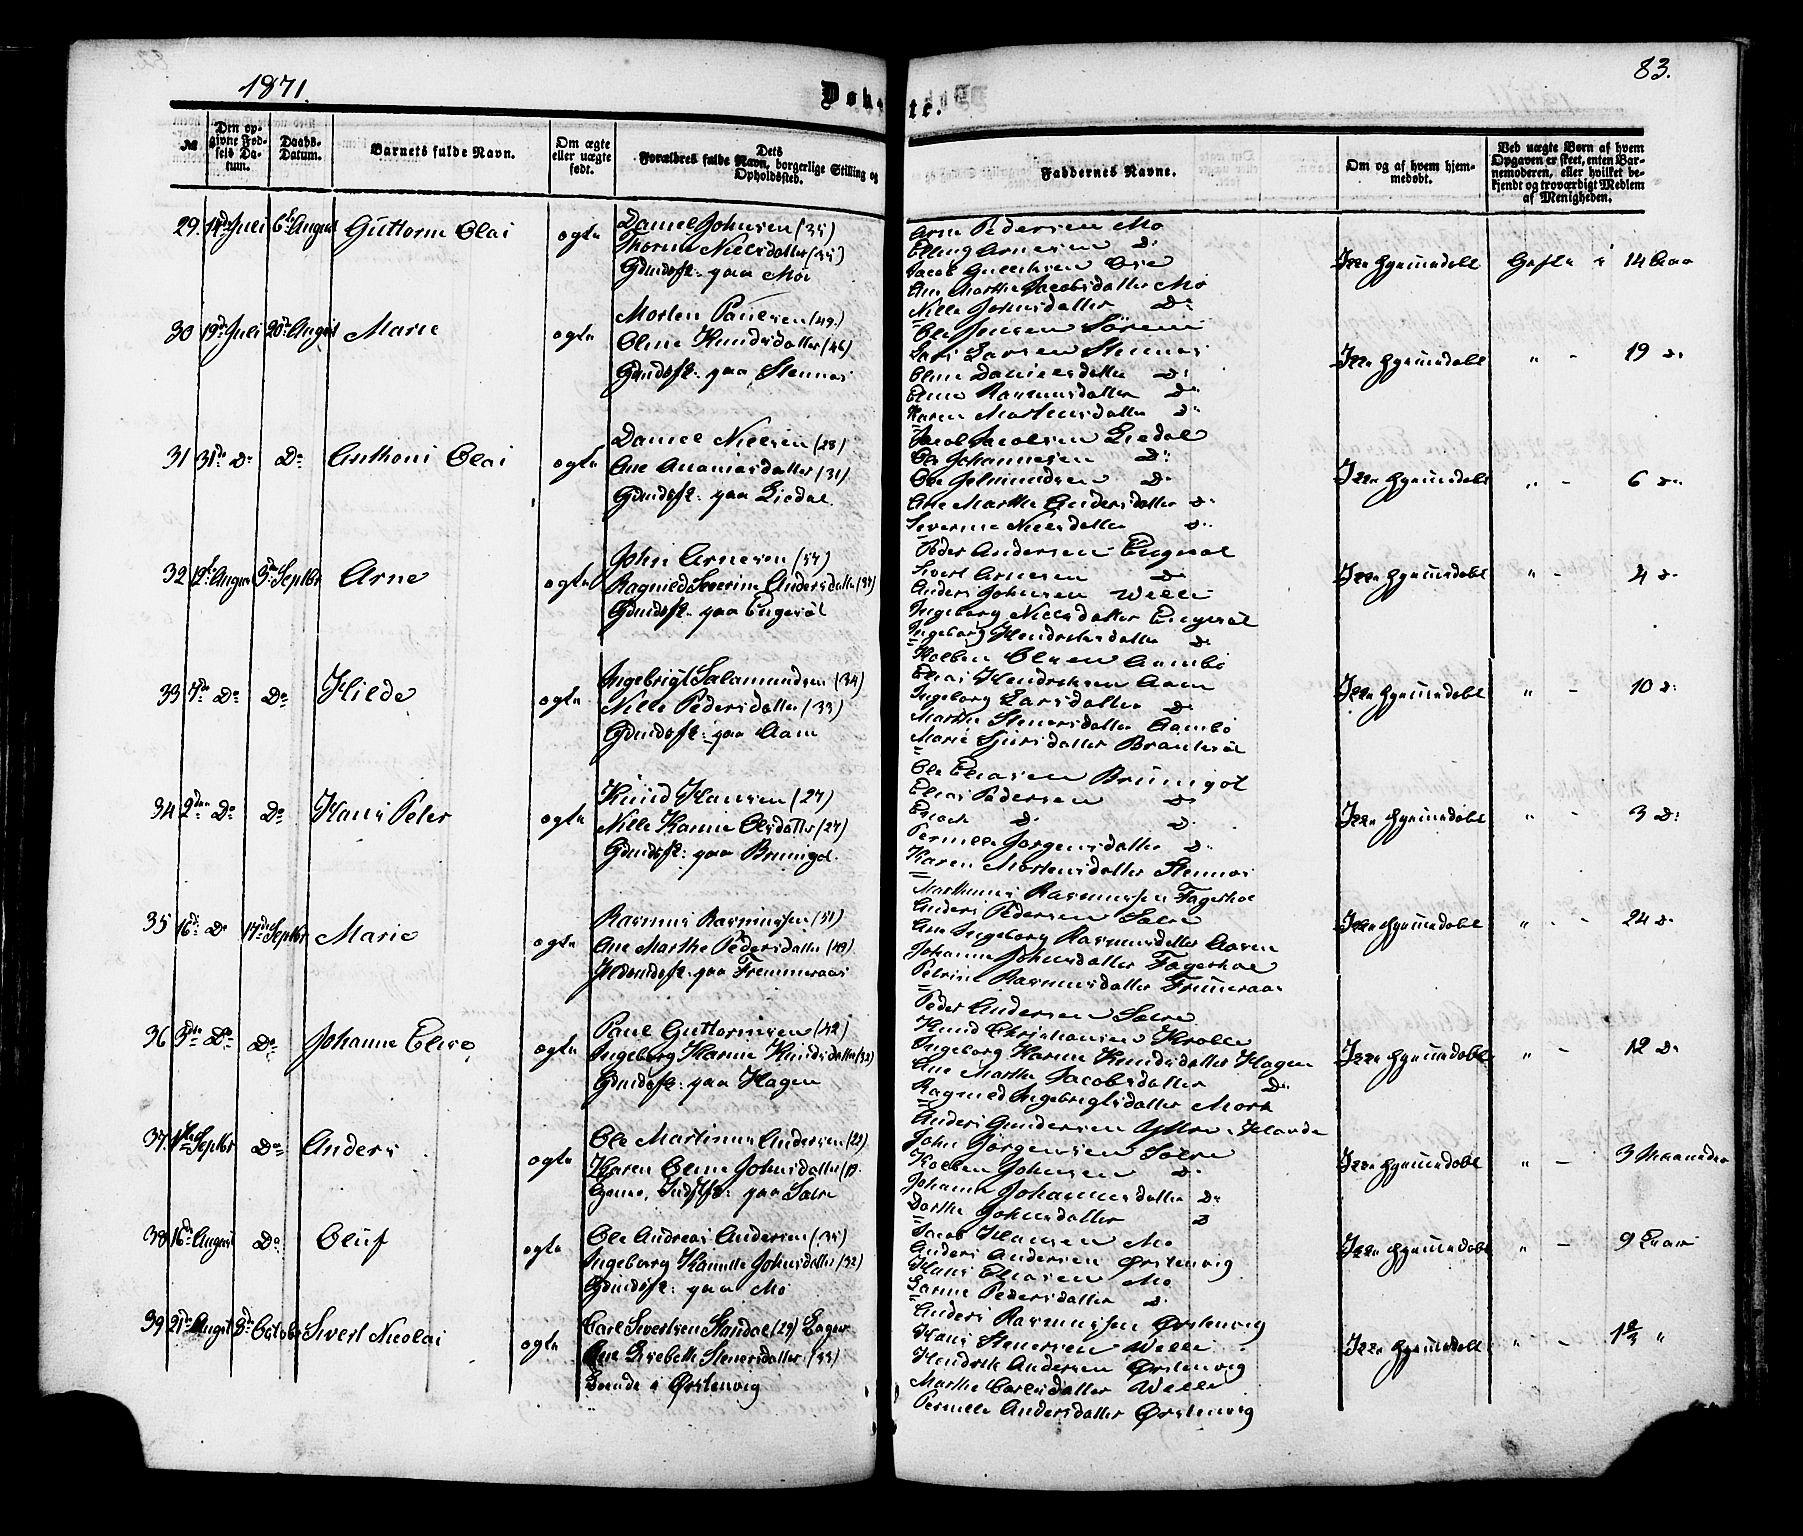 SAT, Ministerialprotokoller, klokkerbøker og fødselsregistre - Møre og Romsdal, 513/L0175: Ministerialbok nr. 513A02, 1856-1877, s. 83